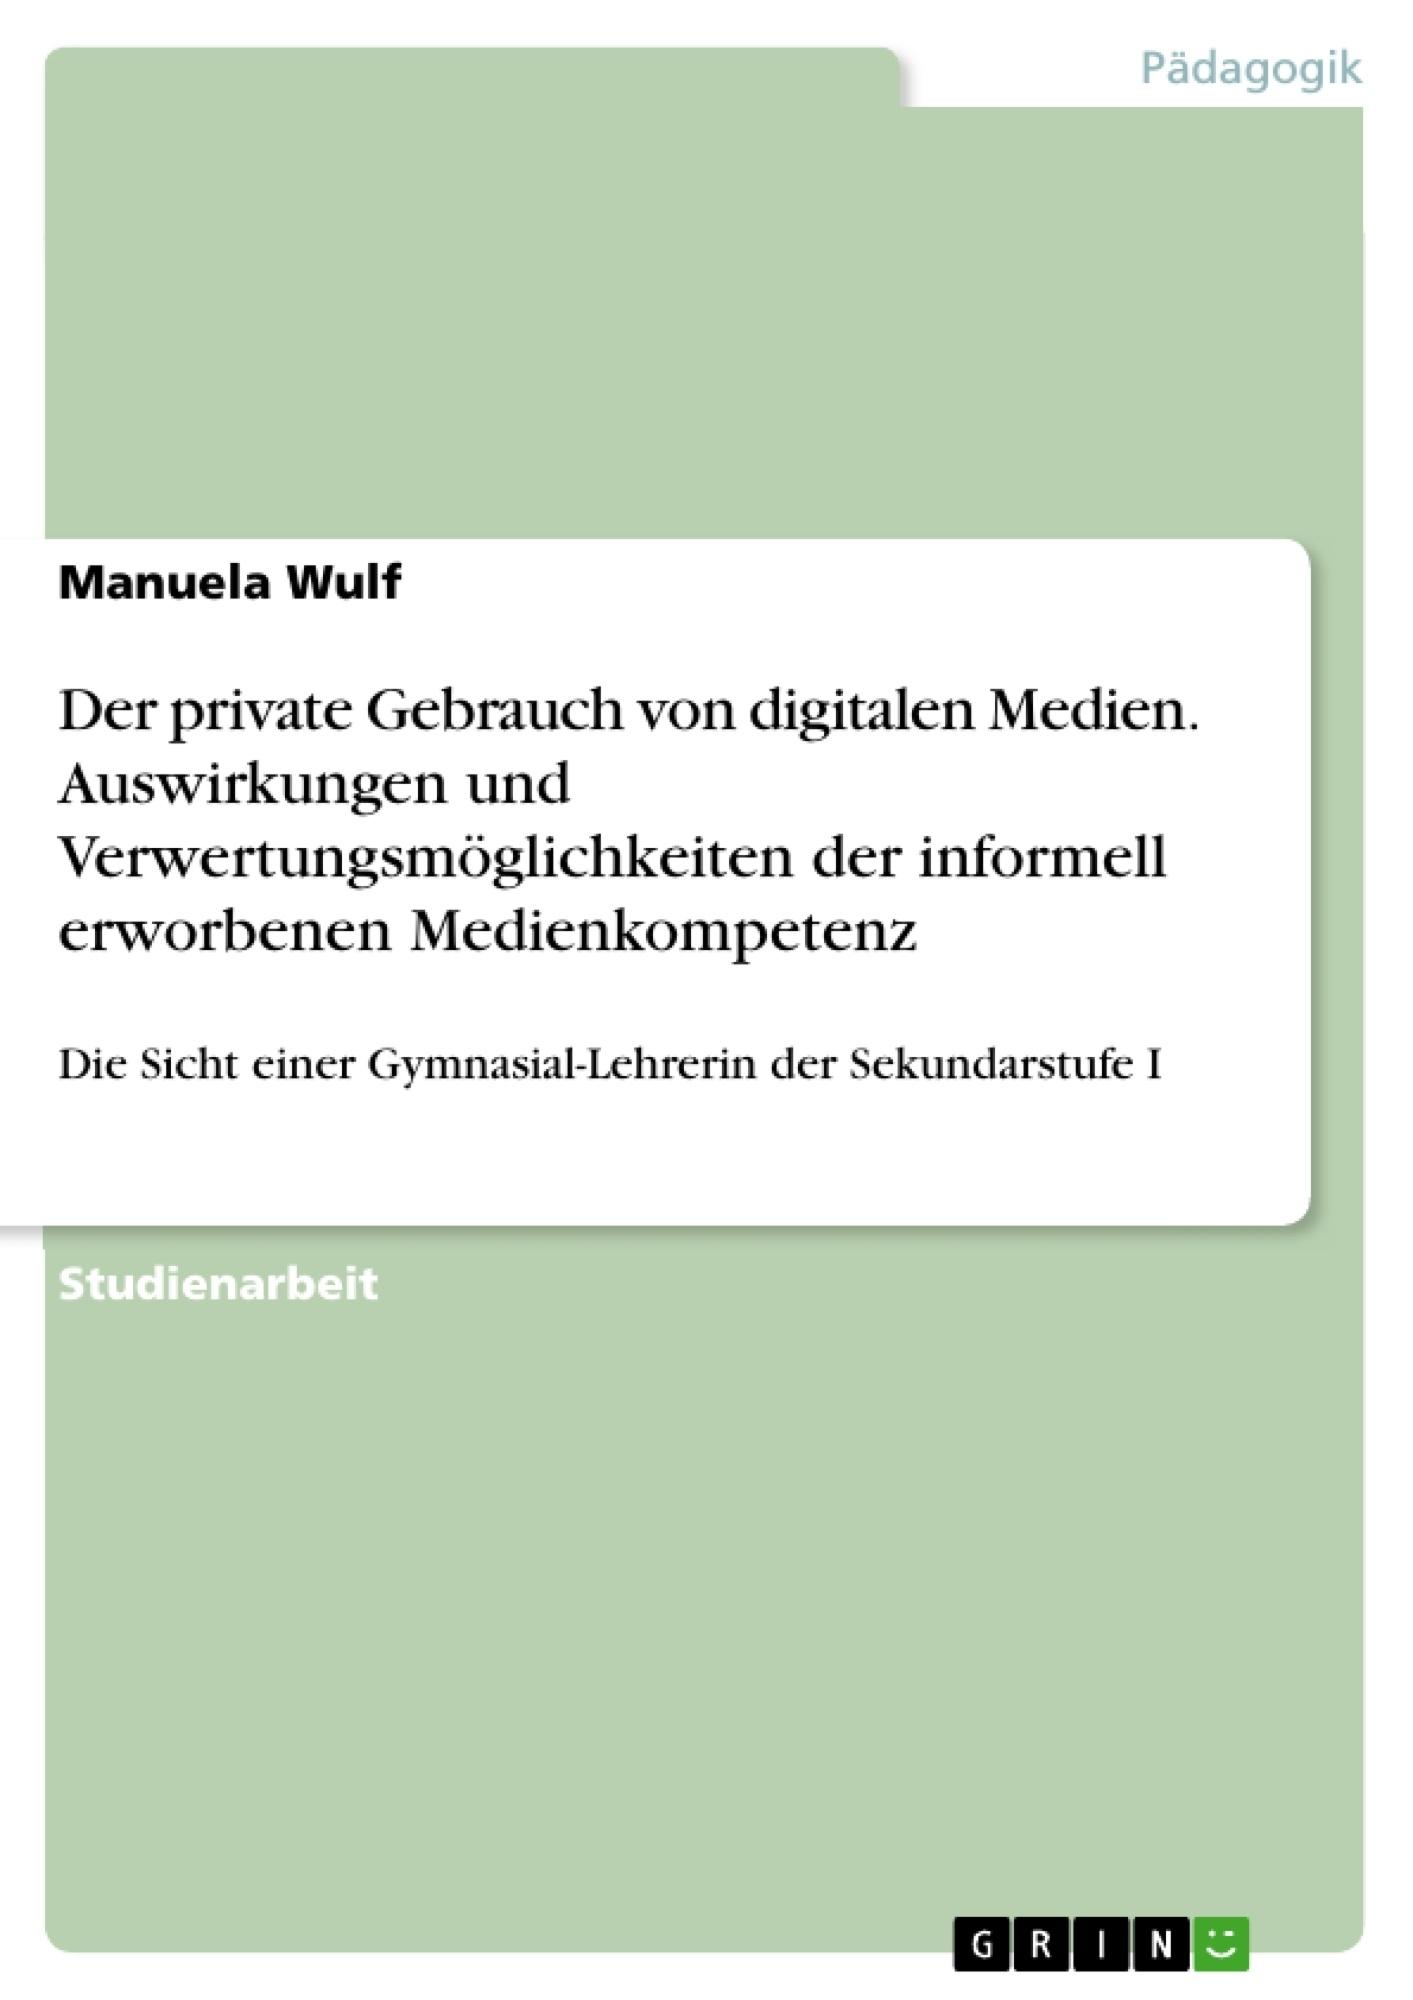 Titel: Der private Gebrauch von digitalen Medien. Auswirkungen und Verwertungsmöglichkeiten der informell erworbenen Medienkompetenz